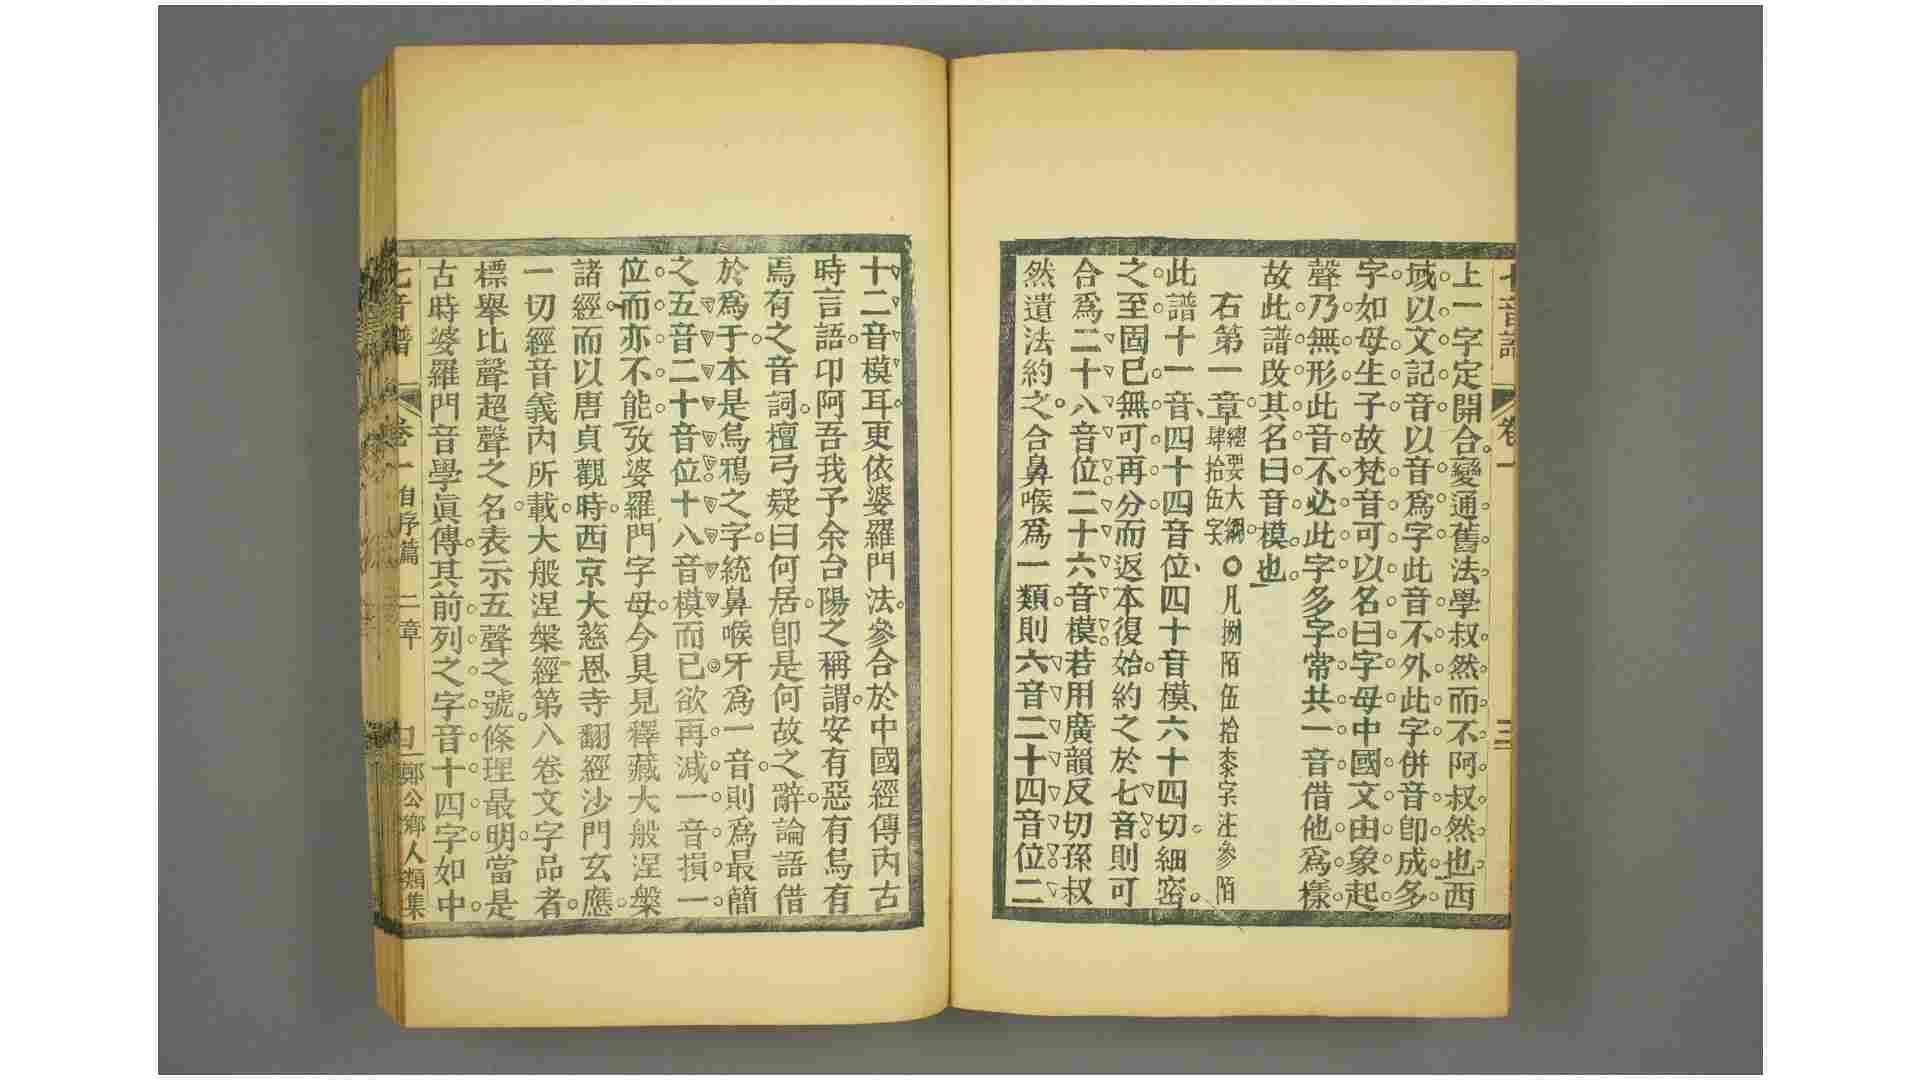 七音谱 卷1 3 张祥晋 撰 松石堂 民国25年